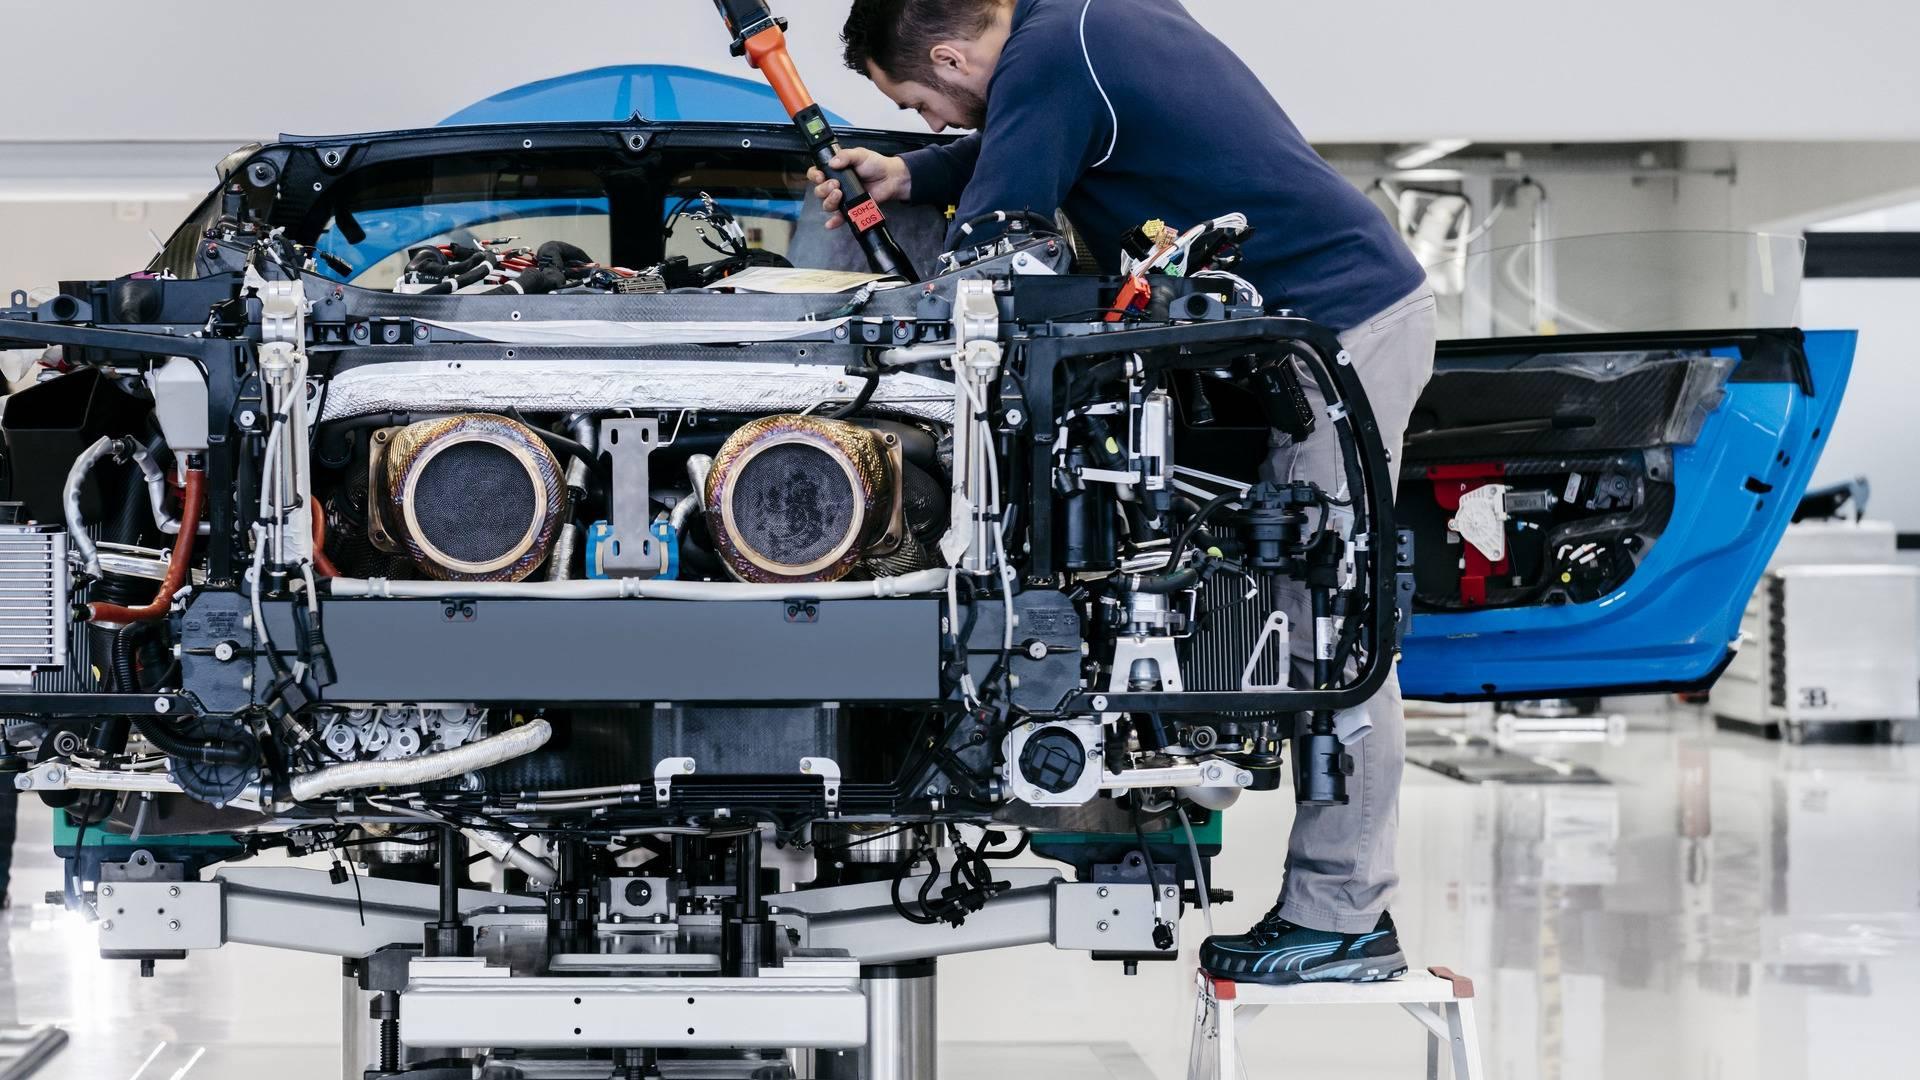 Apenas 20 funcionários fazem a montagem de no máximo 70 unidades por ano (divulgação/Bugatti)